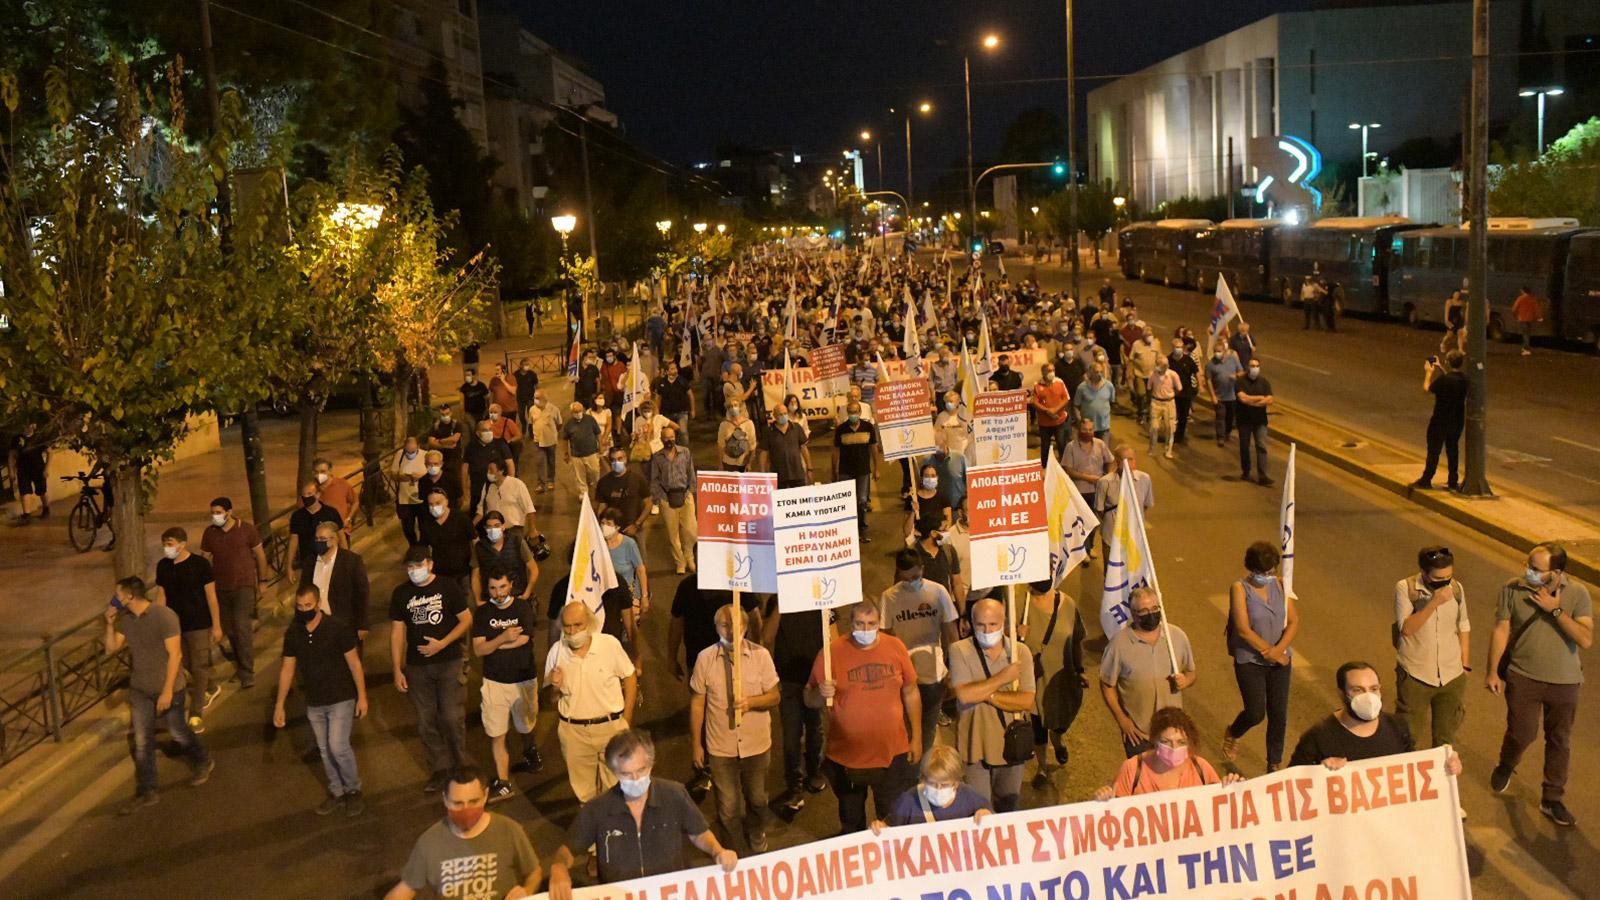 Κινητοποίηση ενάντια στην Στρατιωτική Επιτροπή του ΝΑΤΟ που συνεδριάζει στην Αθήνα(ΦΩΤΟ-VIDEO)